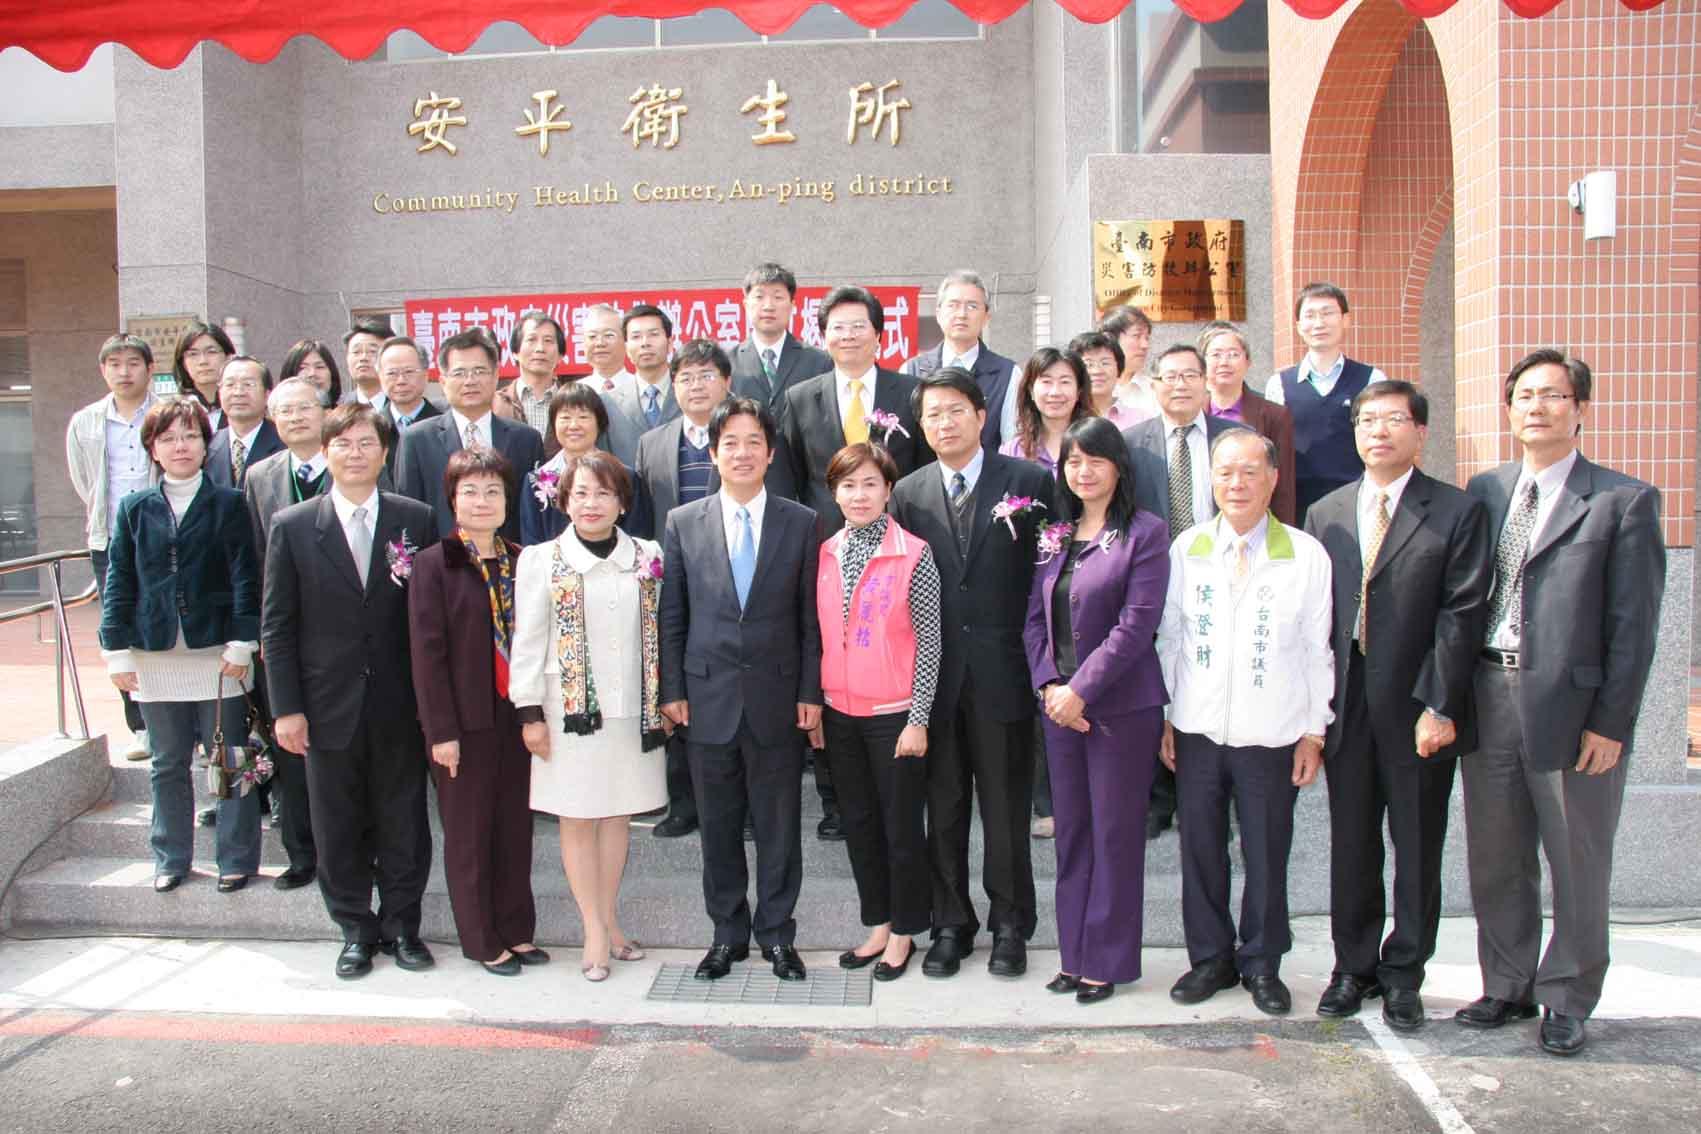 臺南市政府成立災害防救辦公室大合照